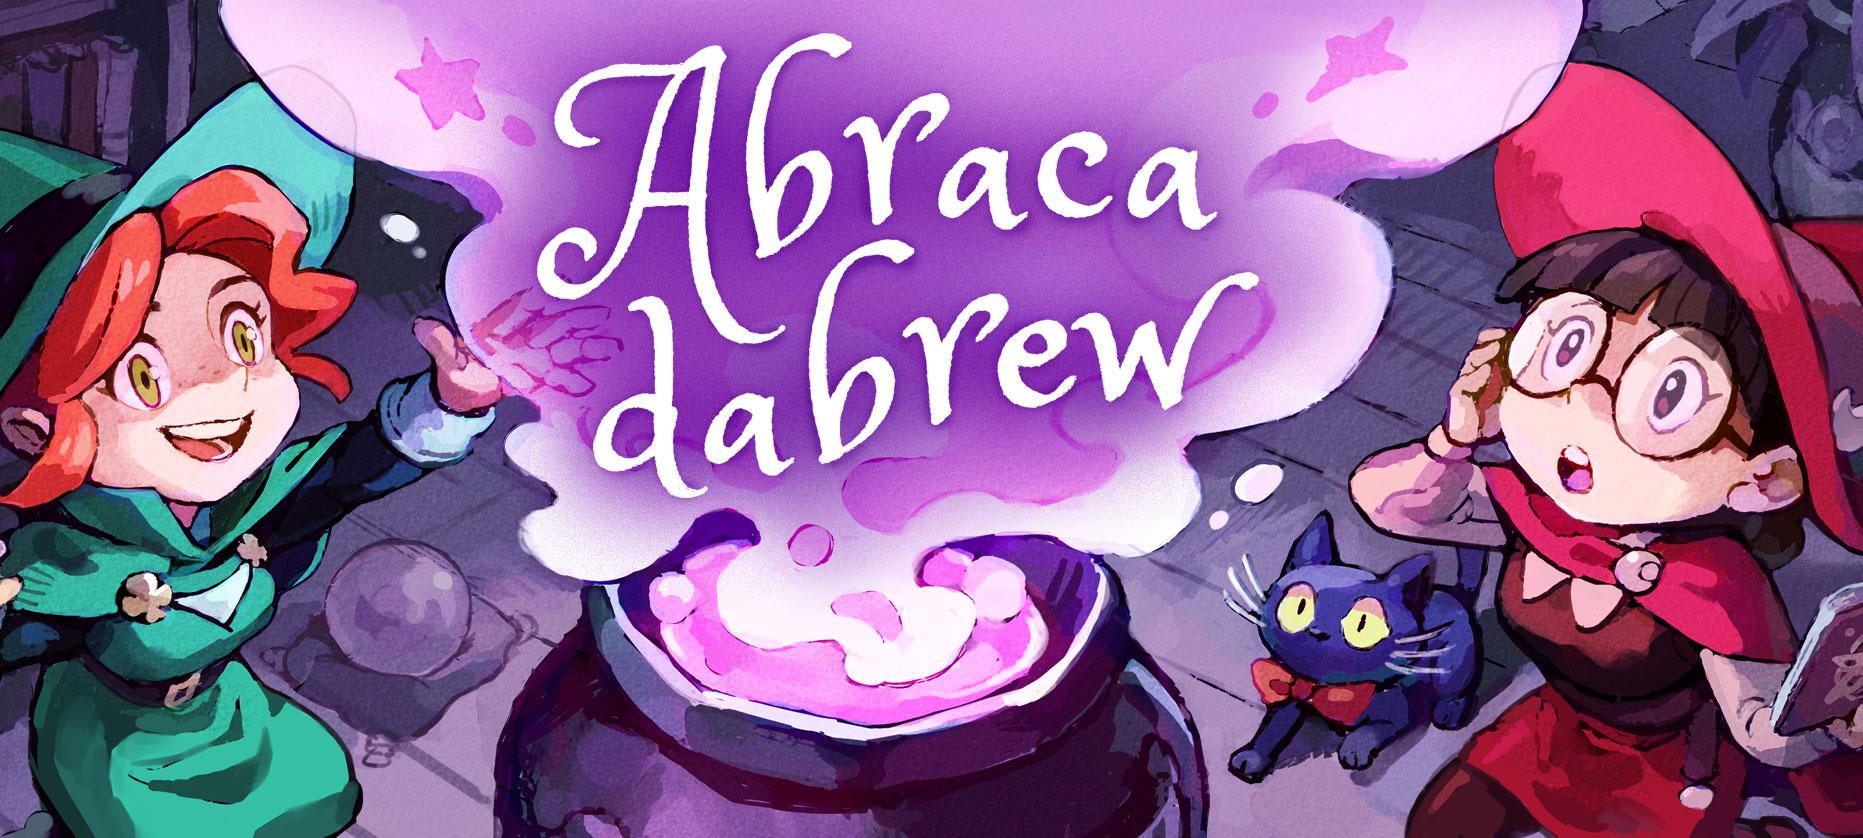 Abracadabrew Demo